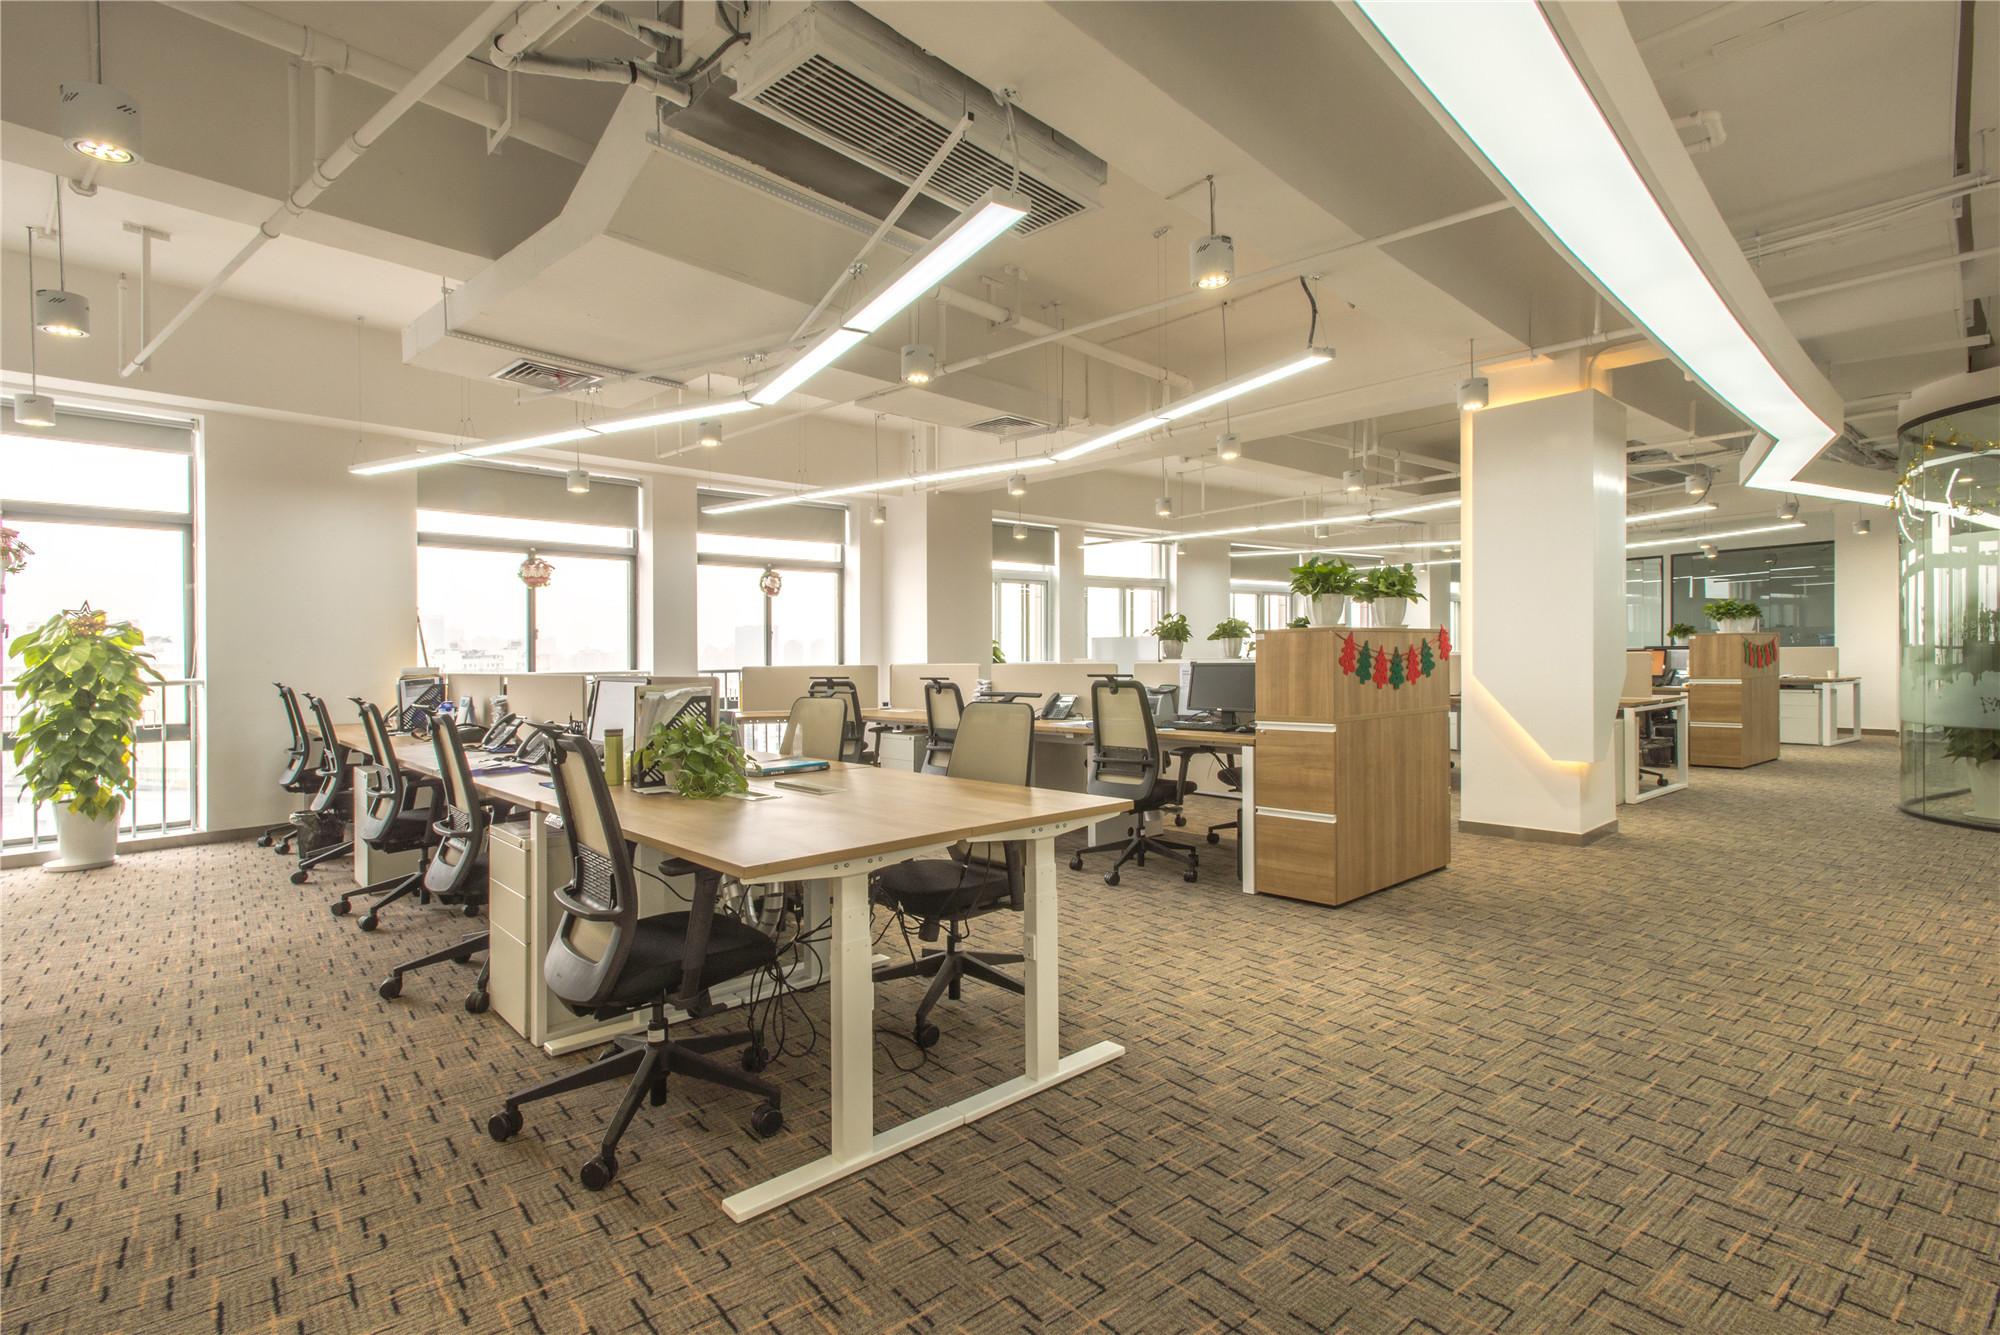 简约风办公室装修吊顶设计